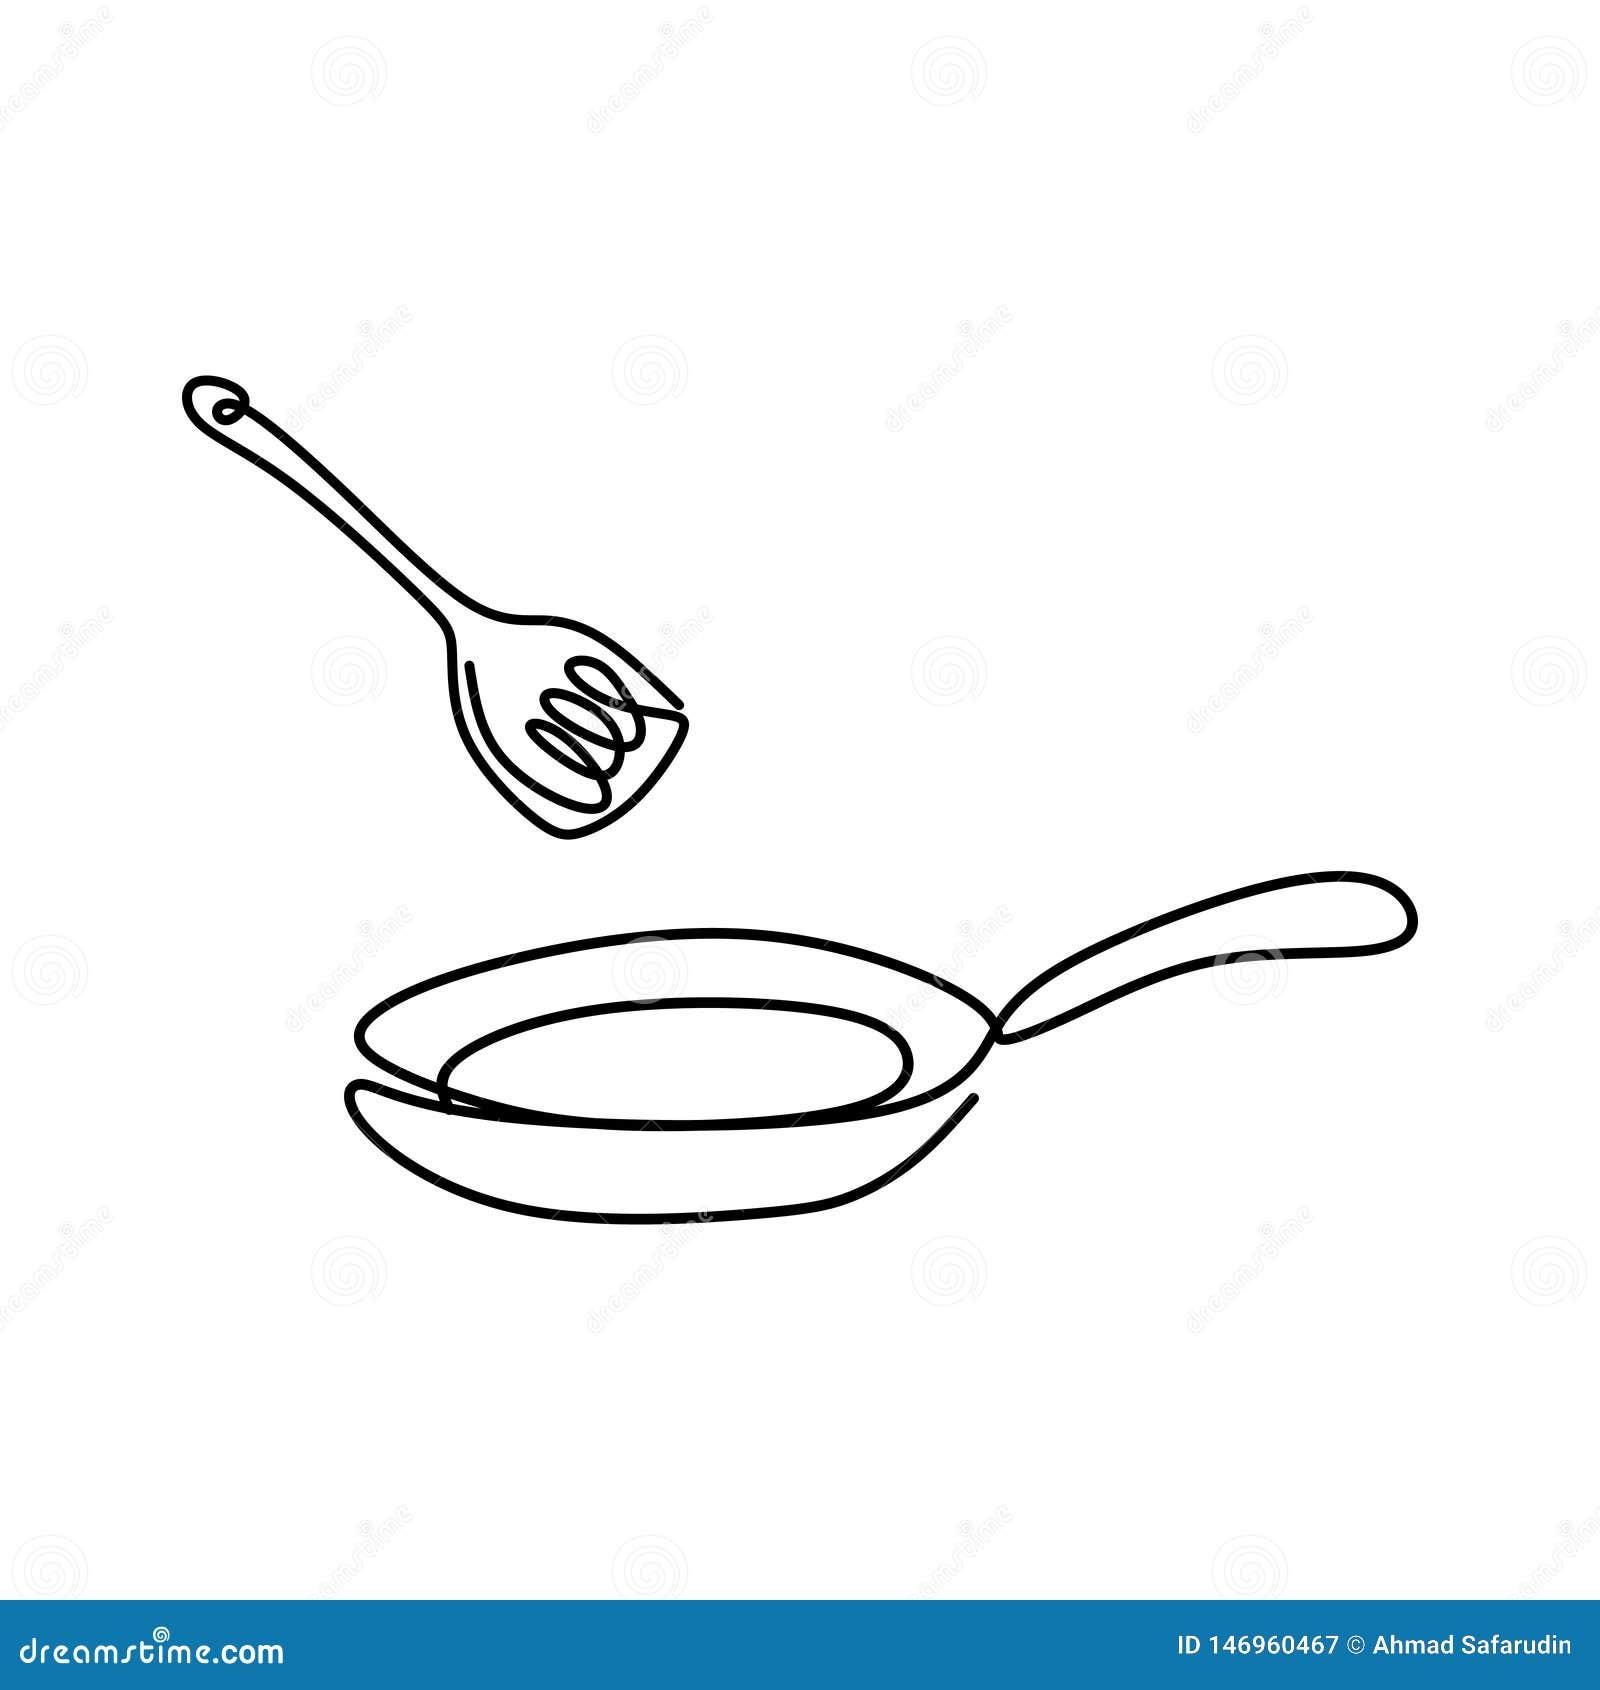 Roba di cucina della linea progettazione minimalista di disegno continua della padella una su fondo bianco